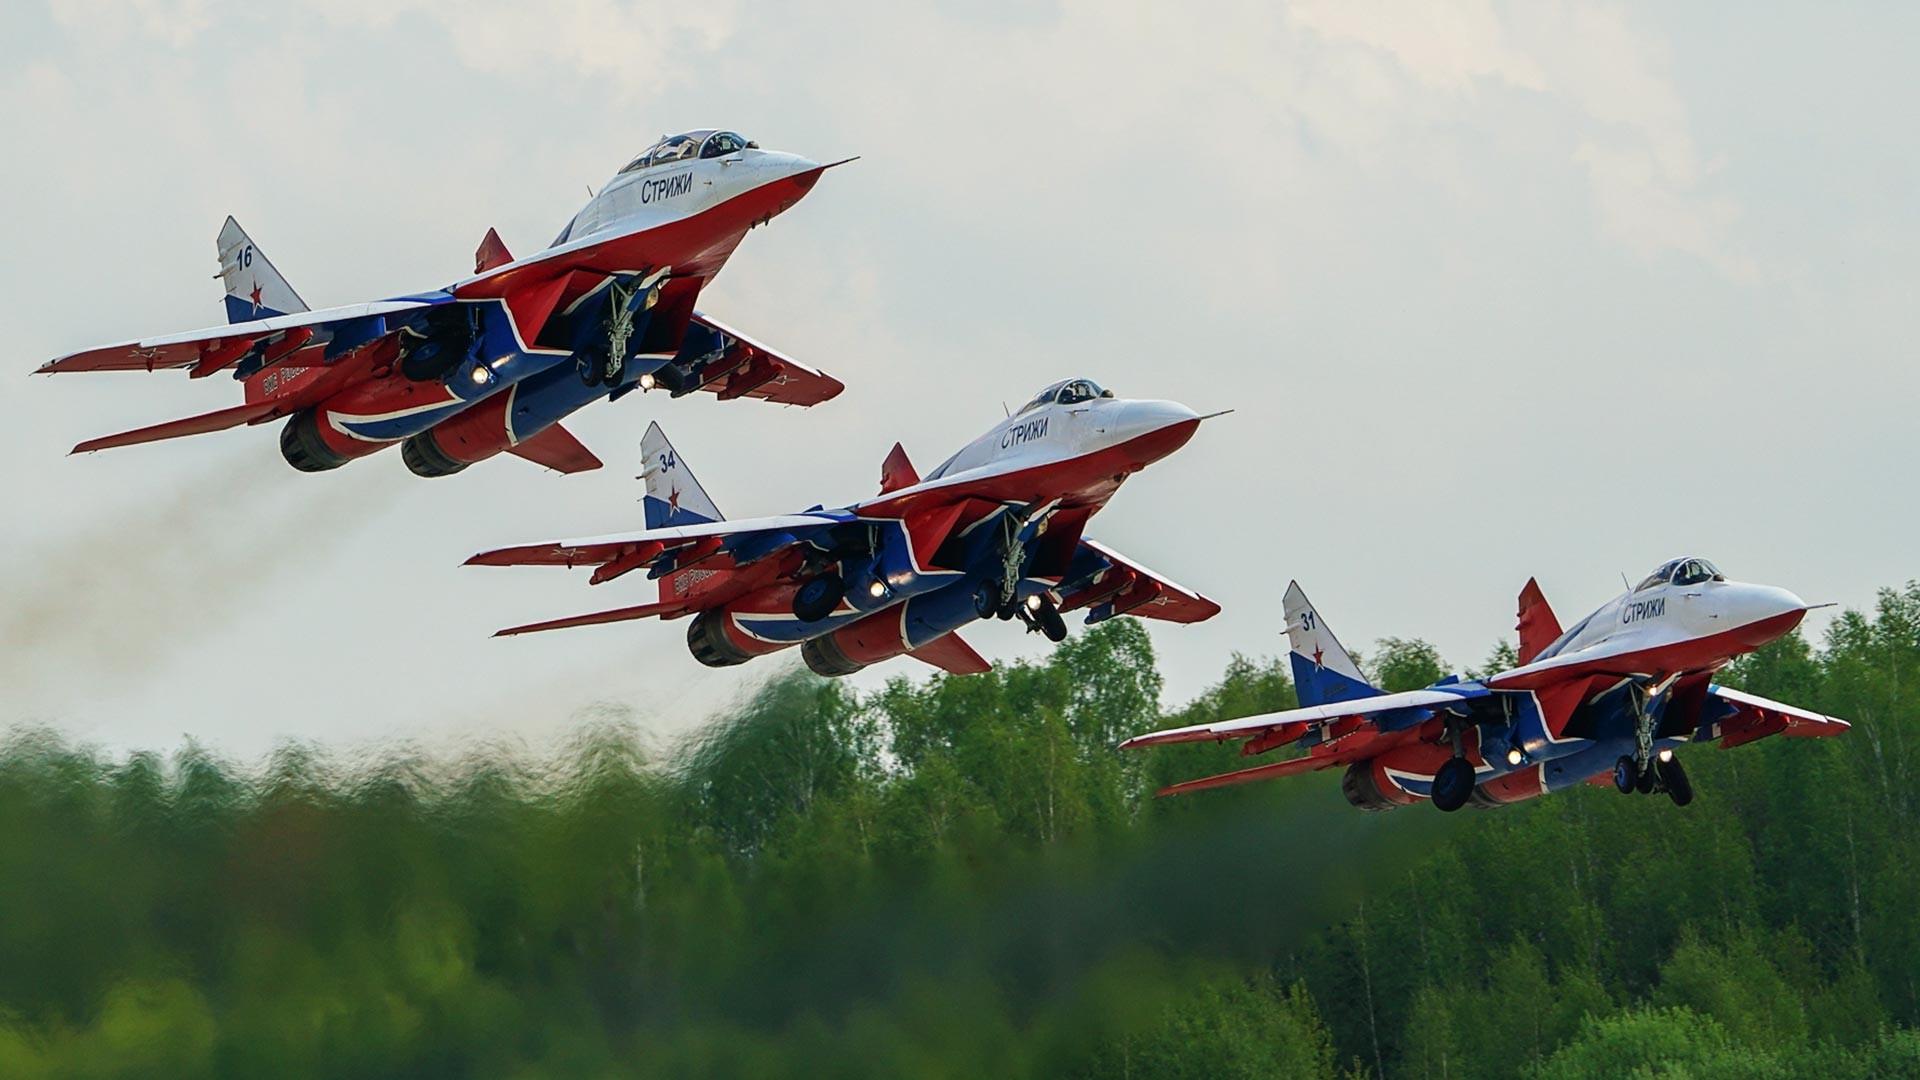 Caças MiG-29 da equipe Andorinhas durante voo de demonstração na base aérea de Kubinka